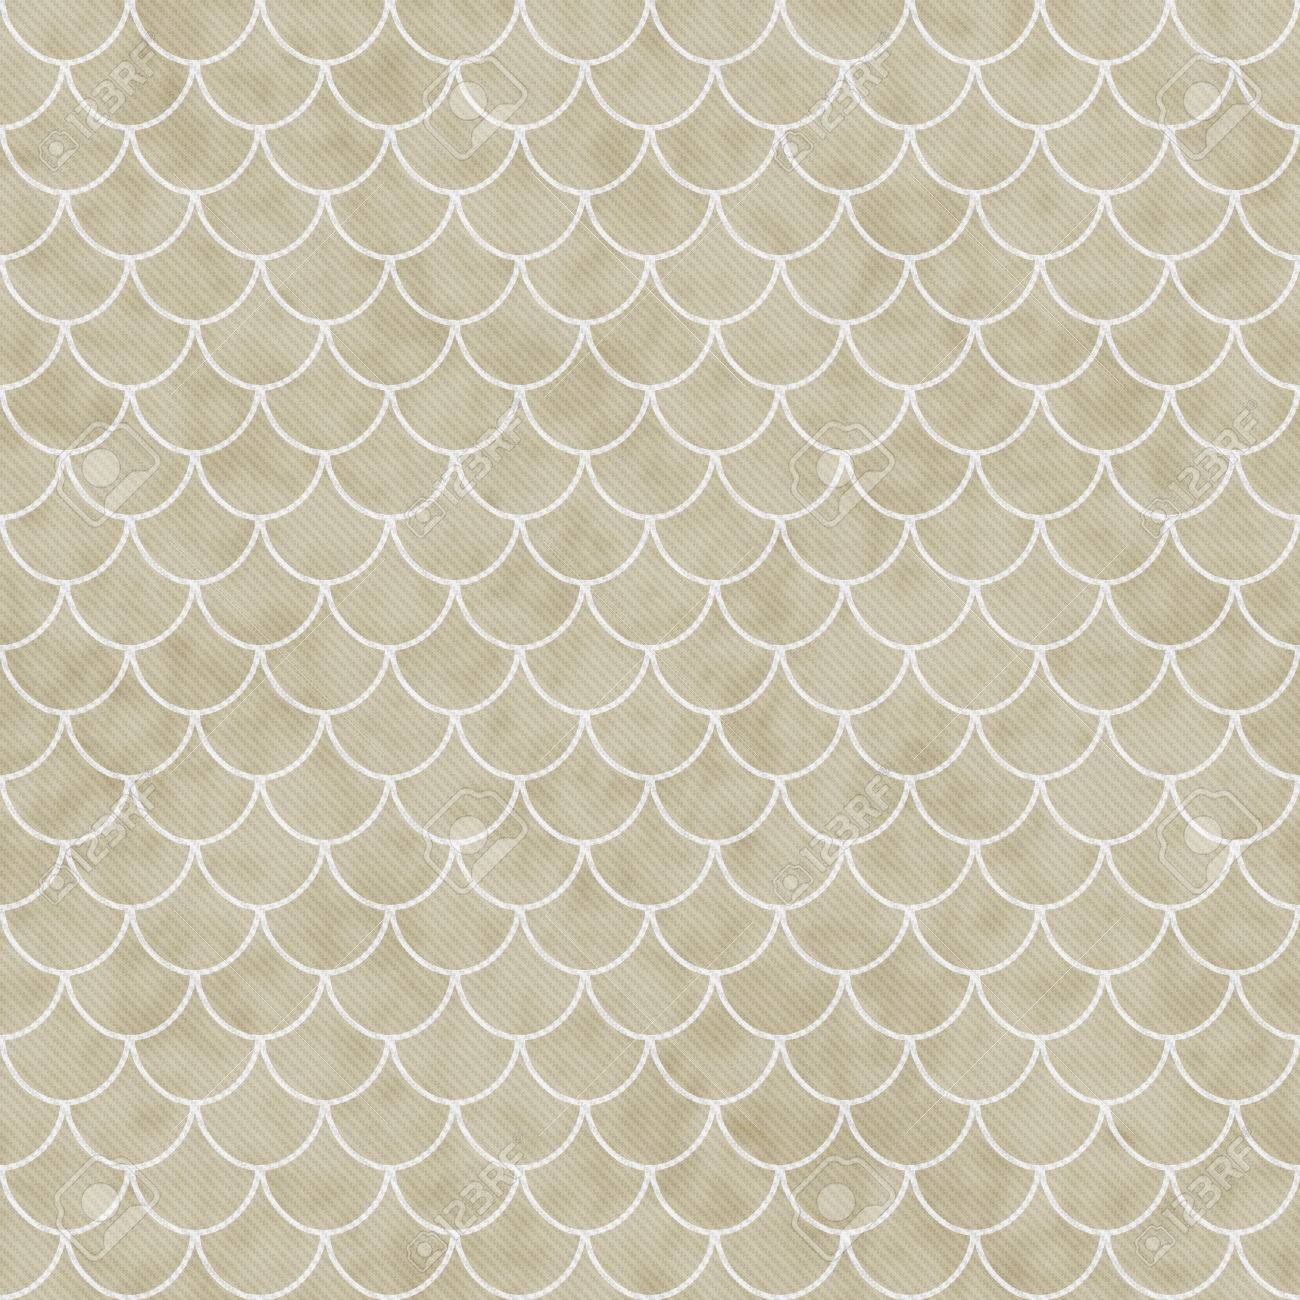 Beige Und Weiß Shell Fliesen Muster Wiederholung Background, Die Nahtlos  Ist Und Wiederholt Standard